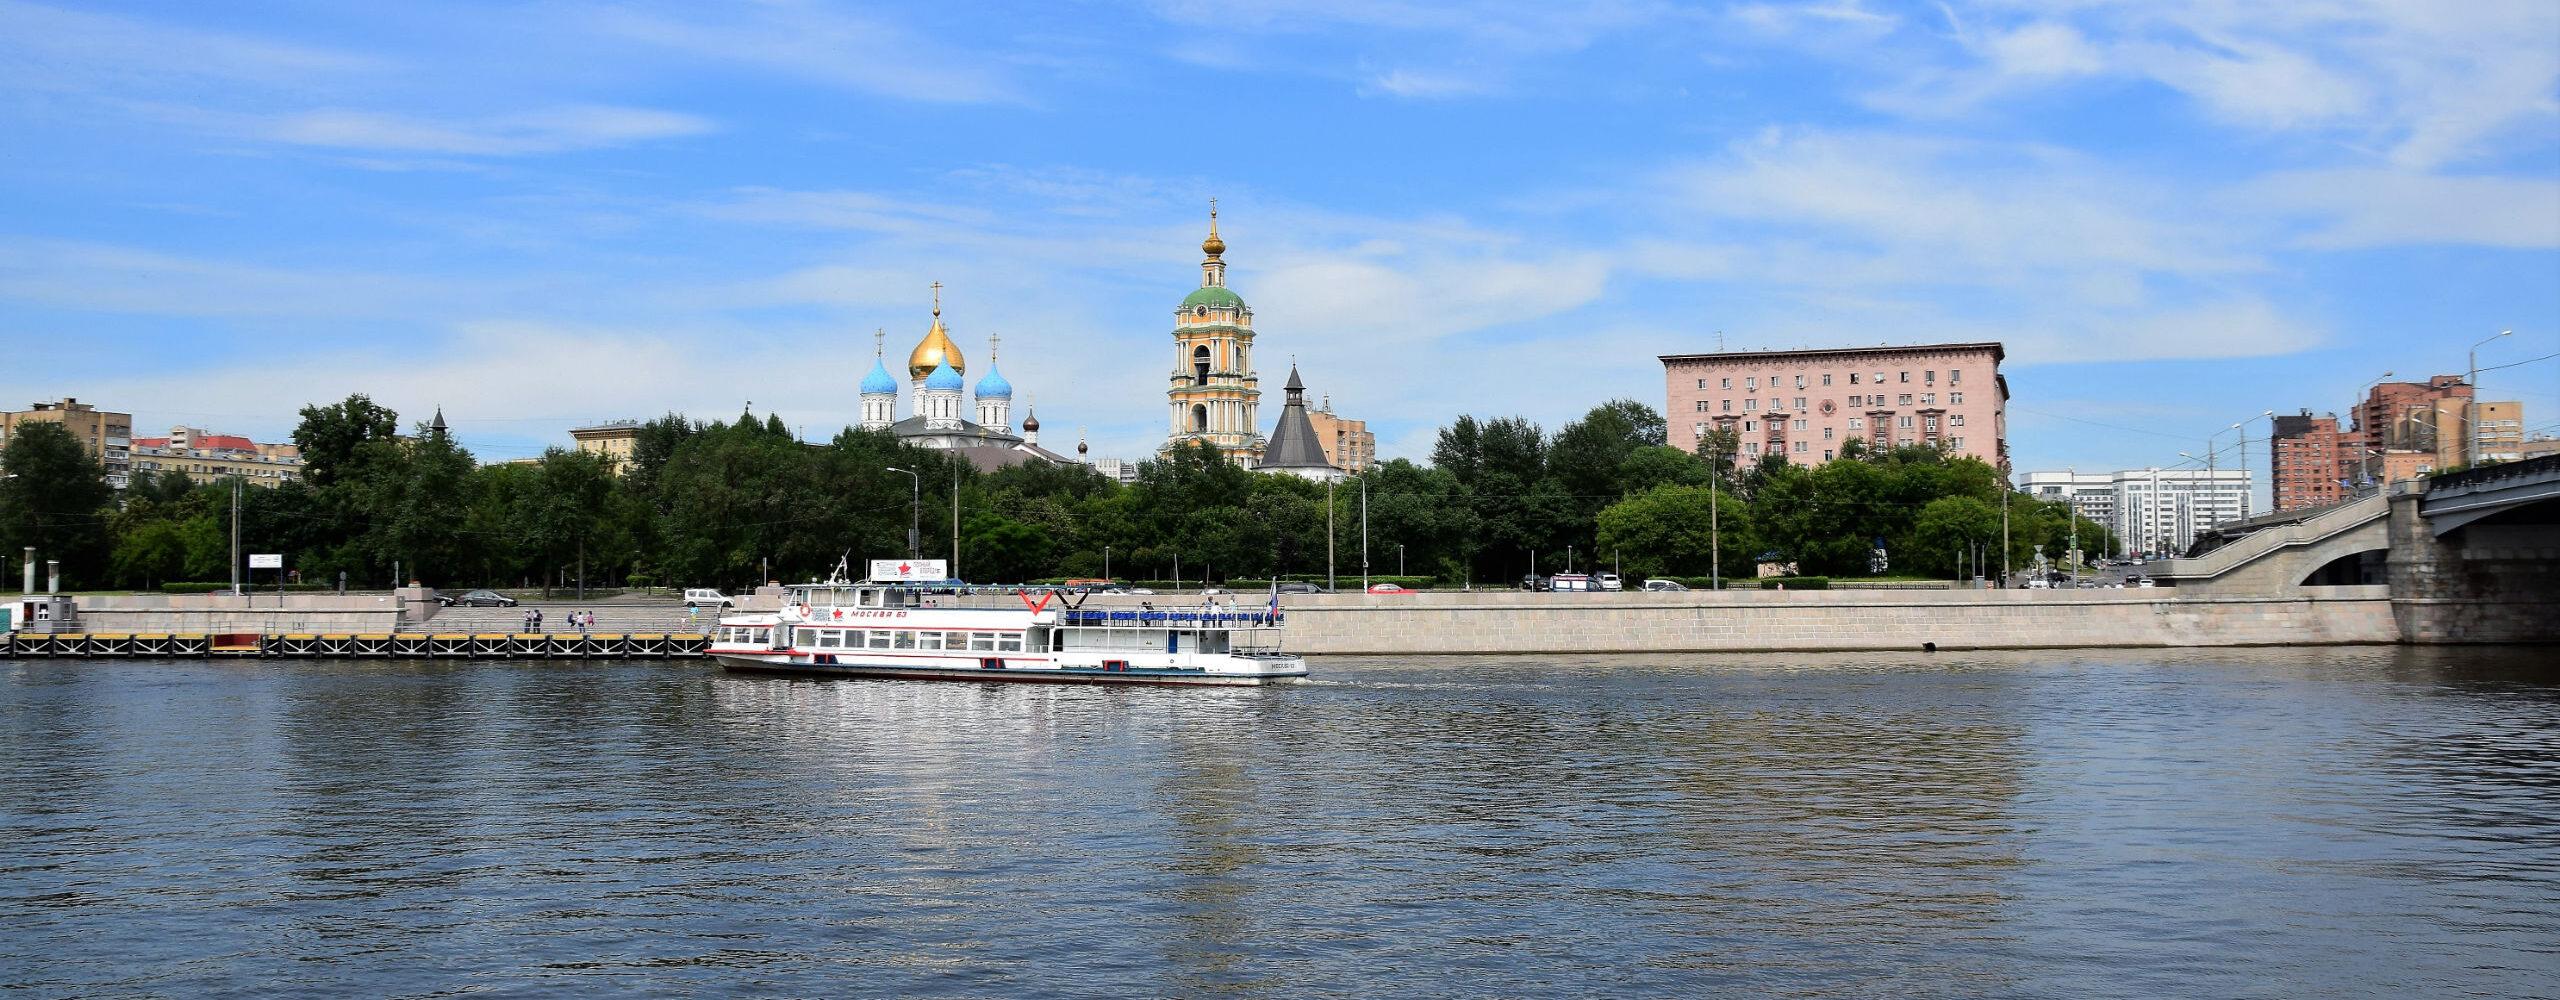 Вокруг Новоспасского монастыря.